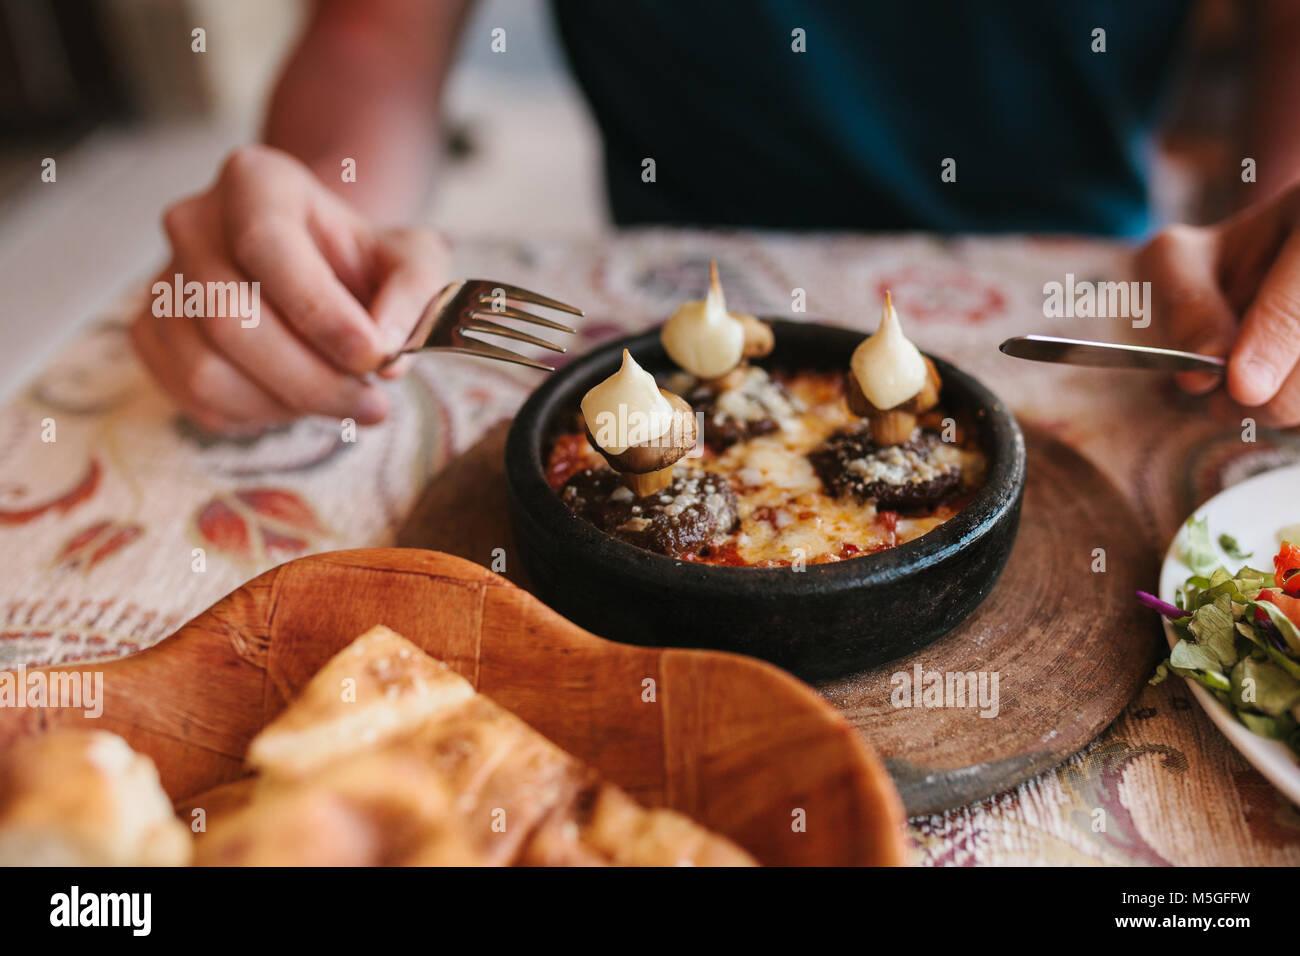 Las manos del hombre mantiene cubiertos - Preparándose para comer platos con setas en la mesa del café Imagen De Stock